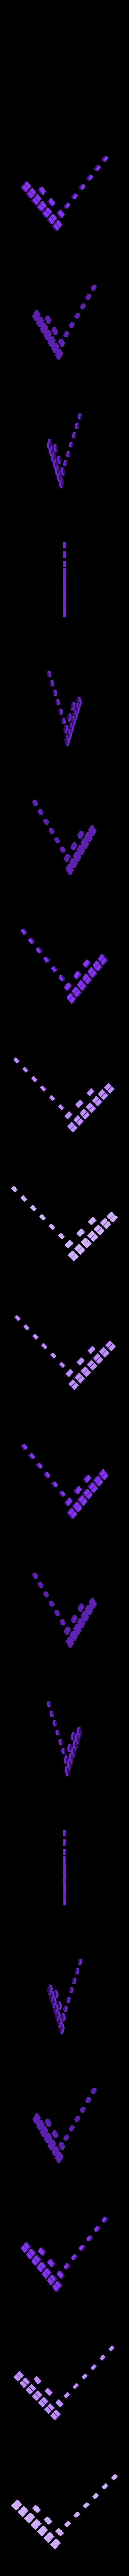 Door_and_Window_Glass.stl Télécharger fichier STL gratuit Opérations de triage à l'échelle HO • Design imprimable en 3D, kabrumble